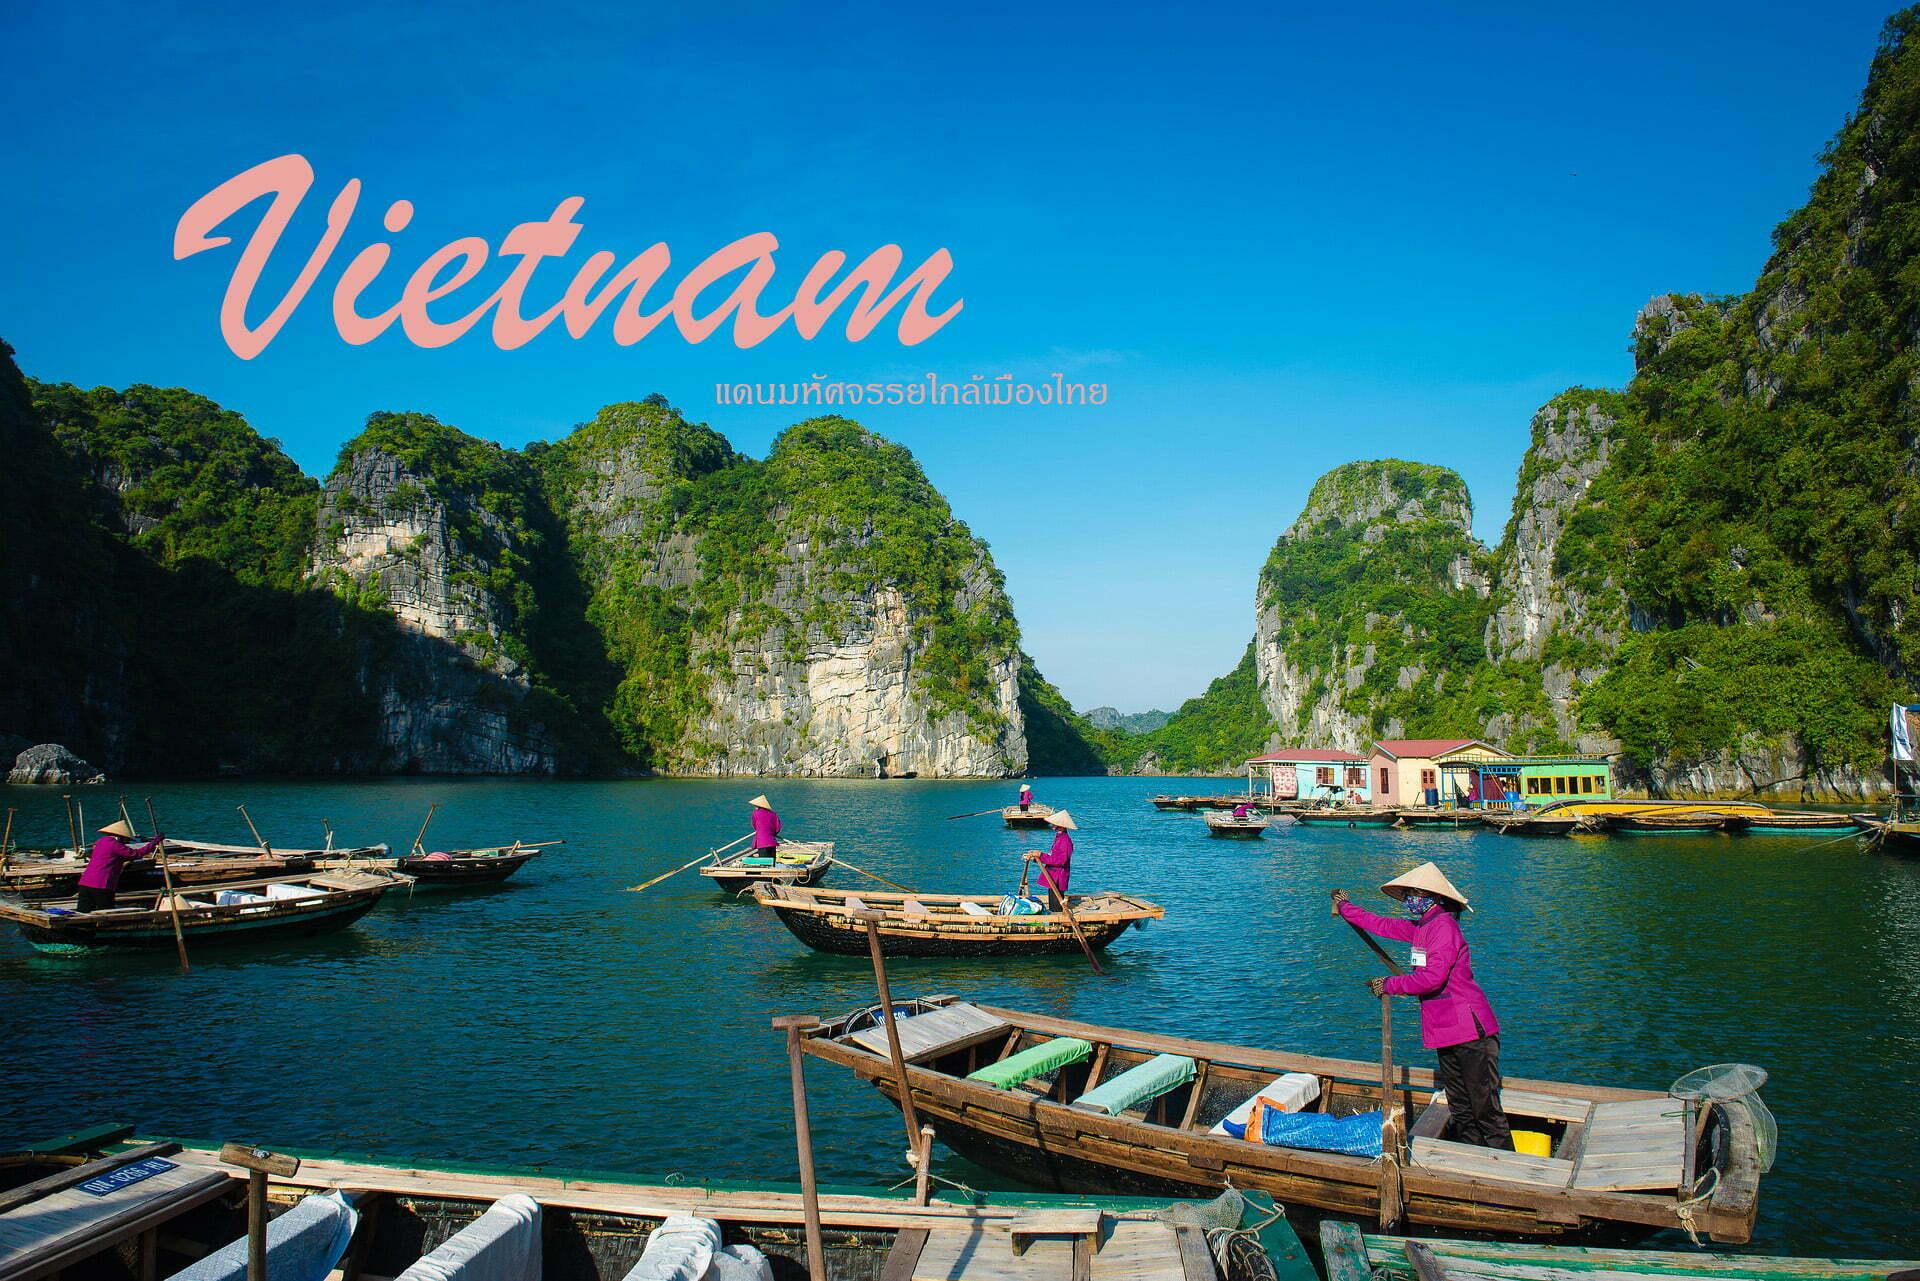 เวียดนามแดนมหัศจรรย์ อีกหนึ่งที่เที่ยวใกล้ เมืองไทย